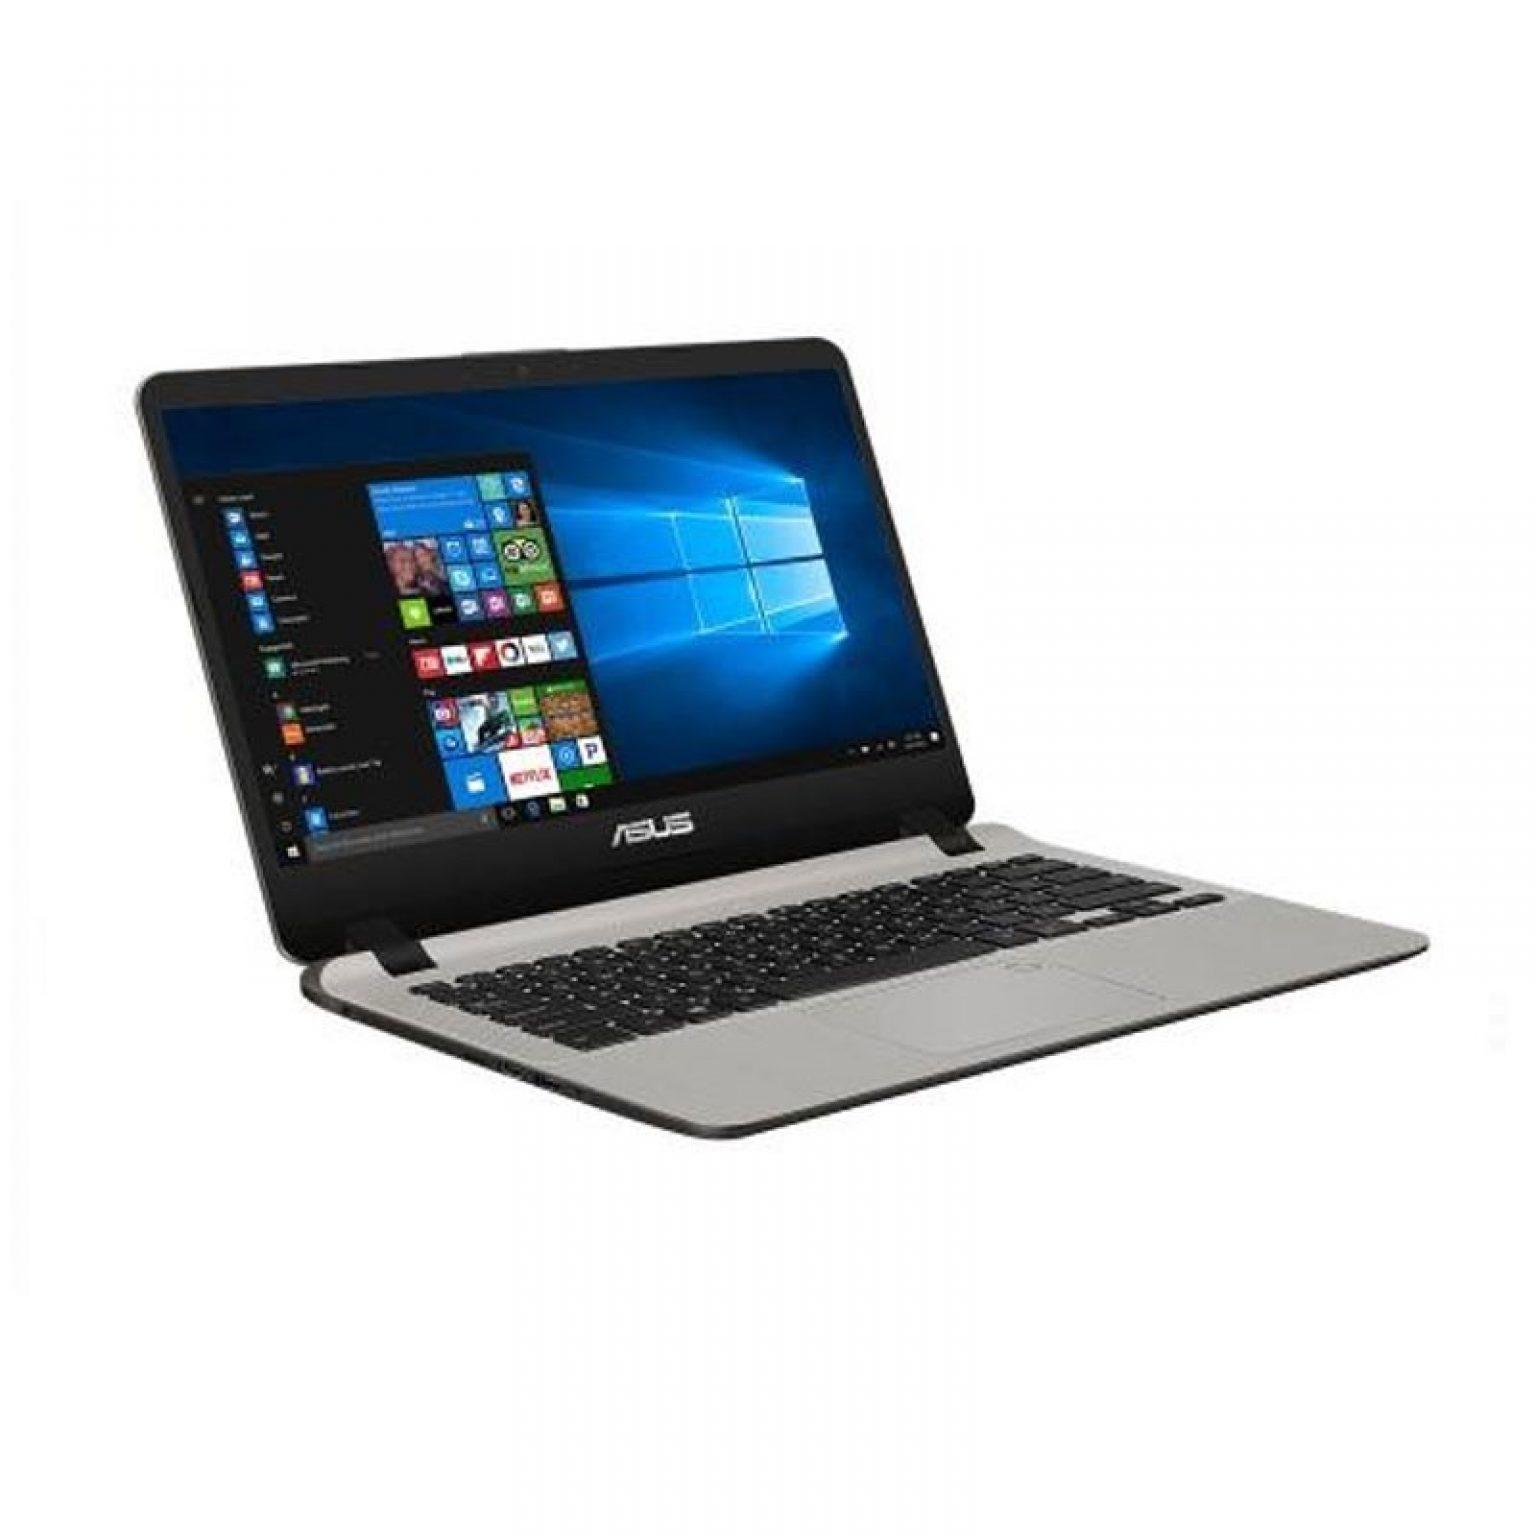 ASUS - A407UF-BV531T (i5-8250U/4GB RAM/1TB HDD/MX130/14inch/Win10SL/Star Grey)